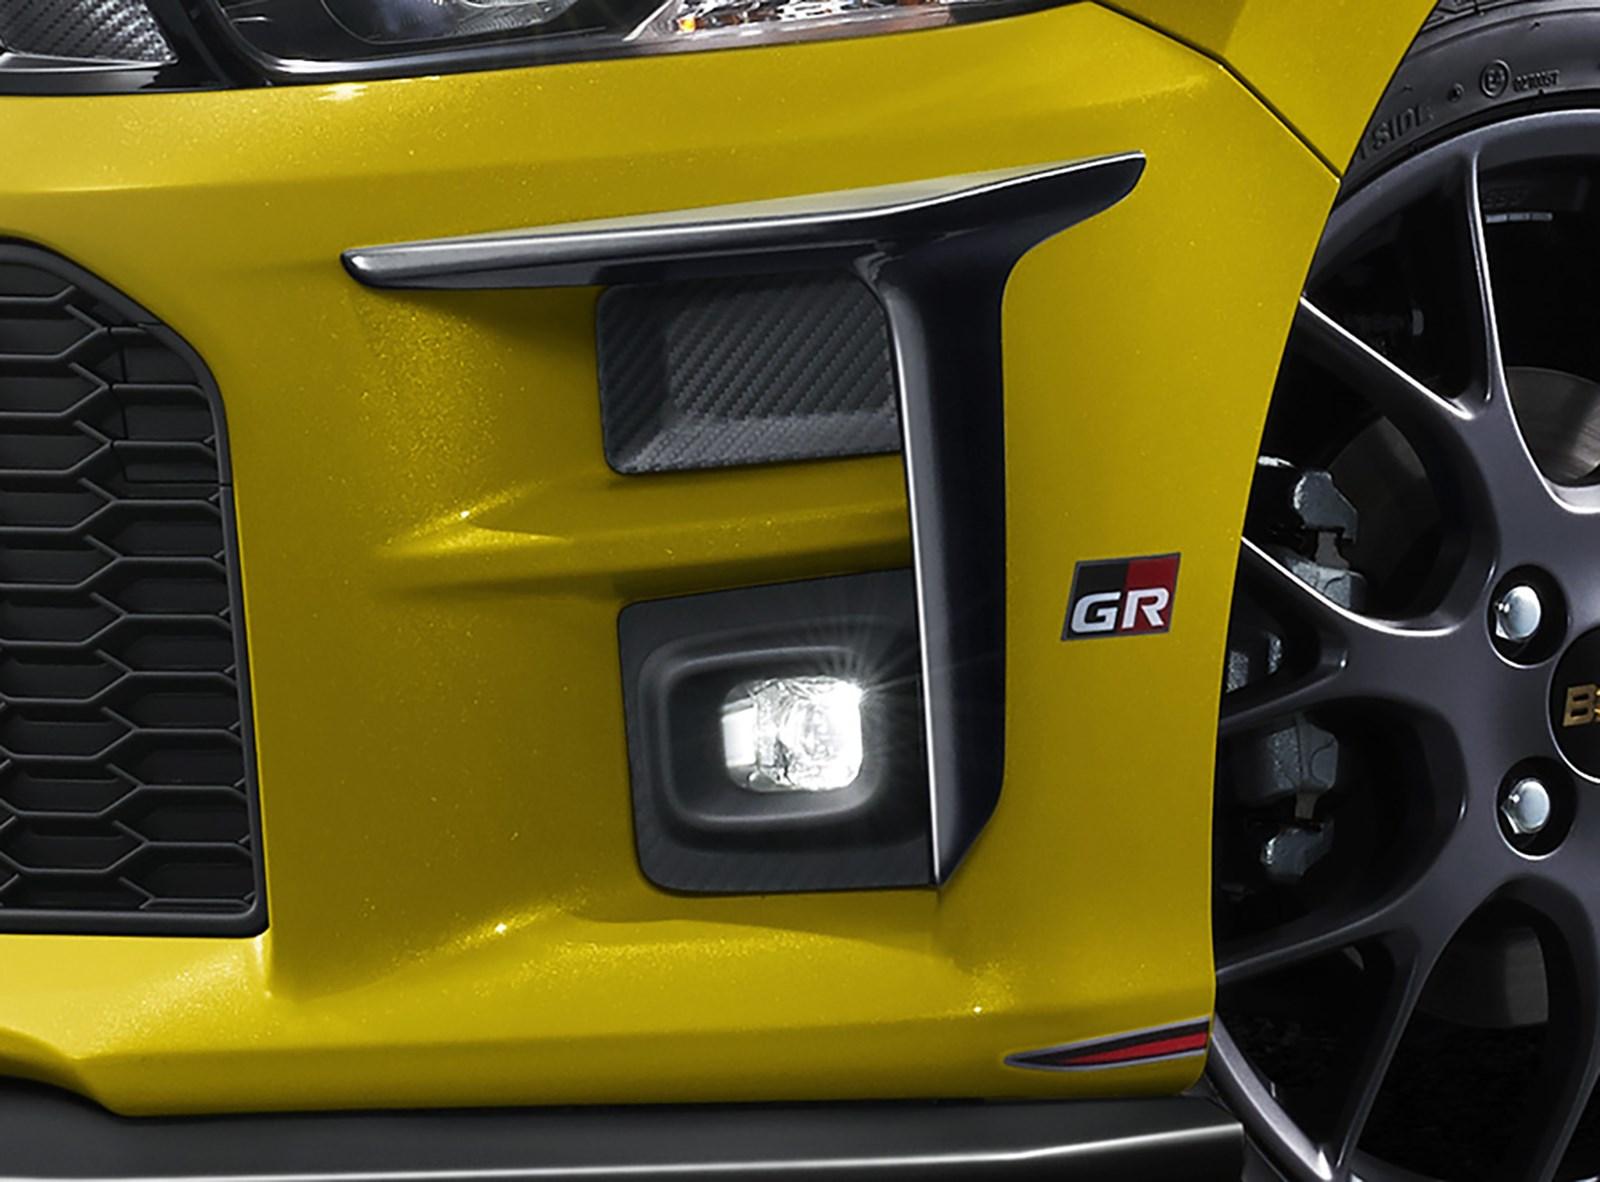 GRシリーズ初の軽オープンスポーツ「コペン GR SPORT」用GRパーツが発売